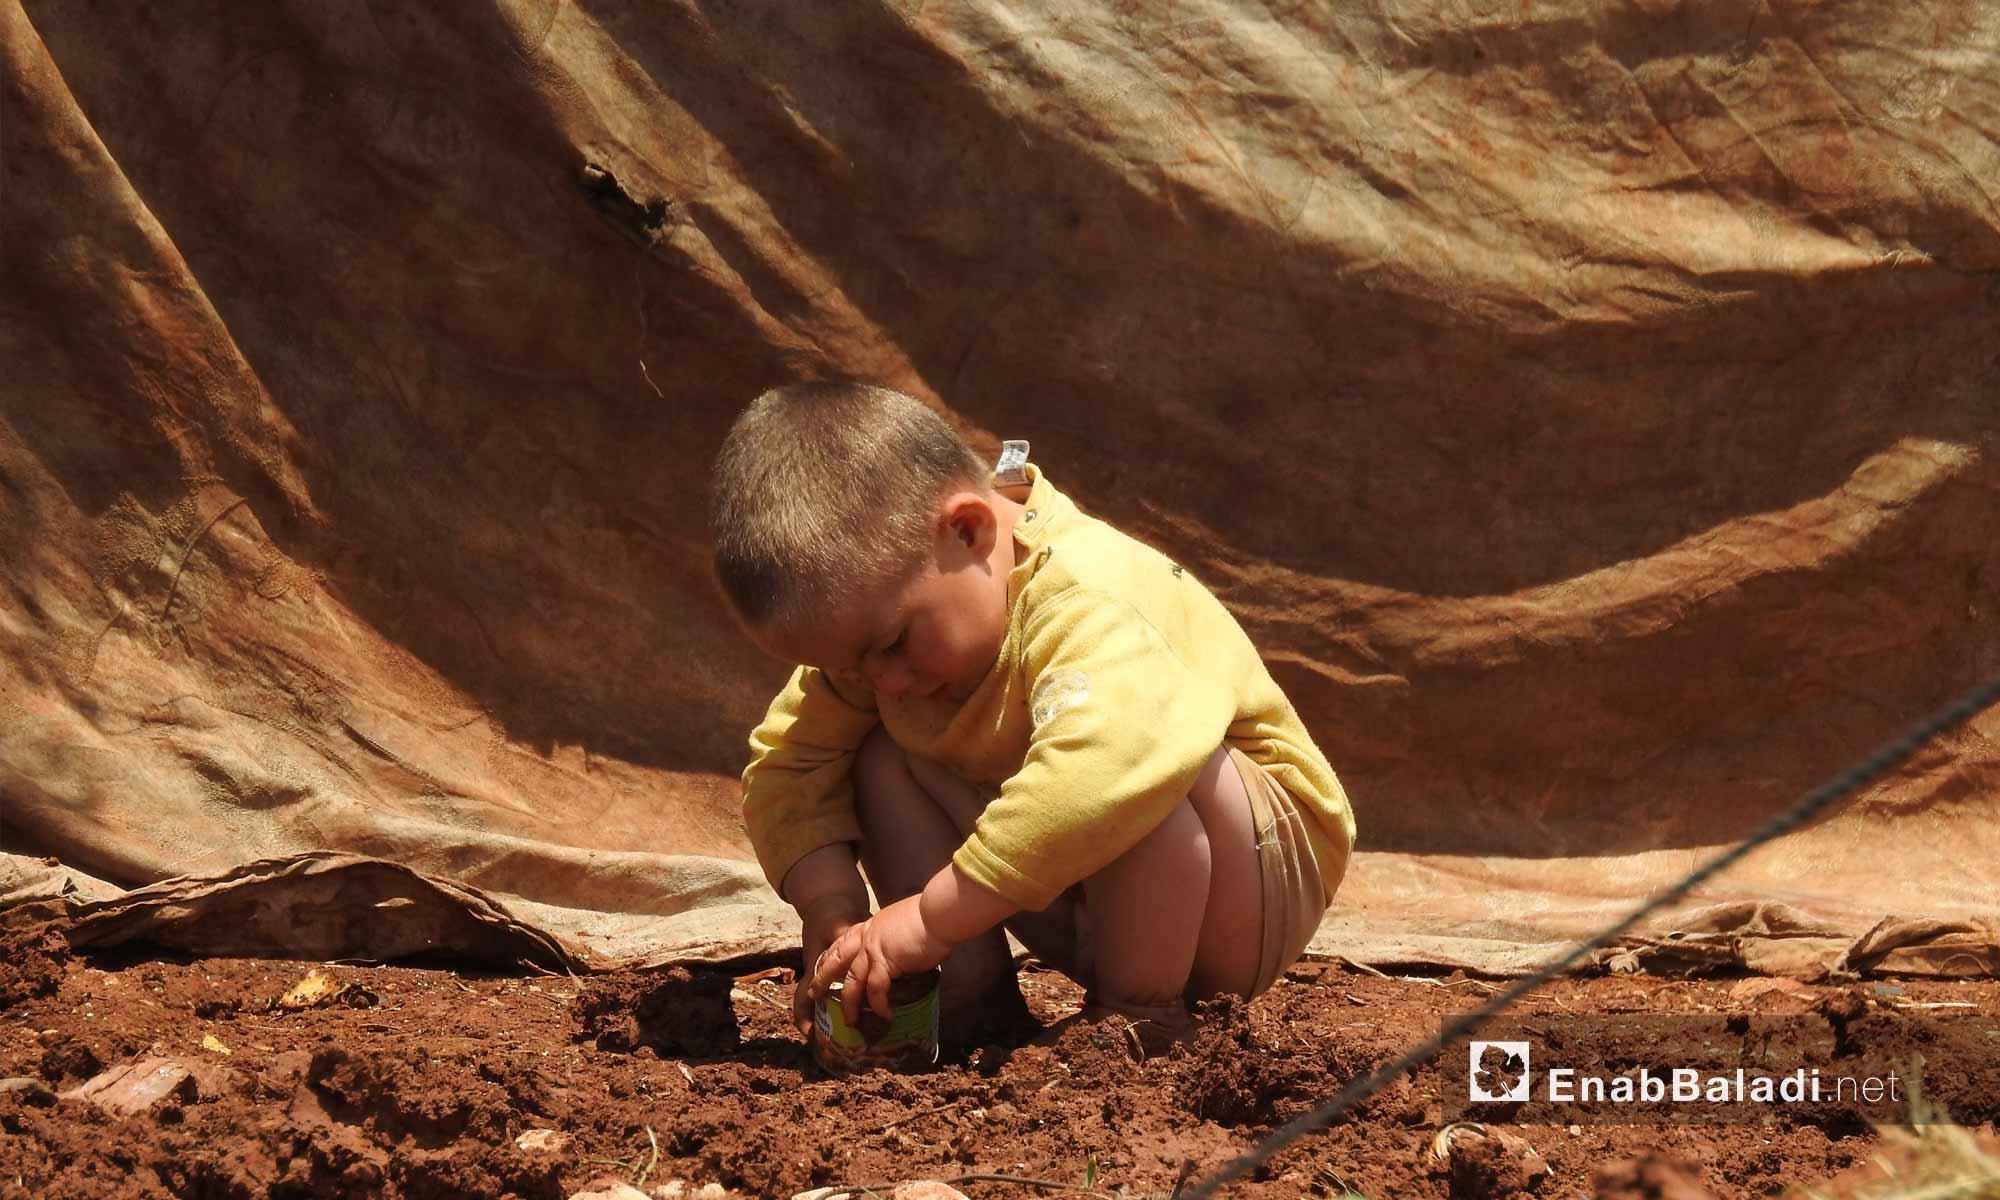 طفل يلعب بالطين قرب خيمة عائلته في ريف حلب الشمالي - 13 من أيار 2018 (عنب بلدي)